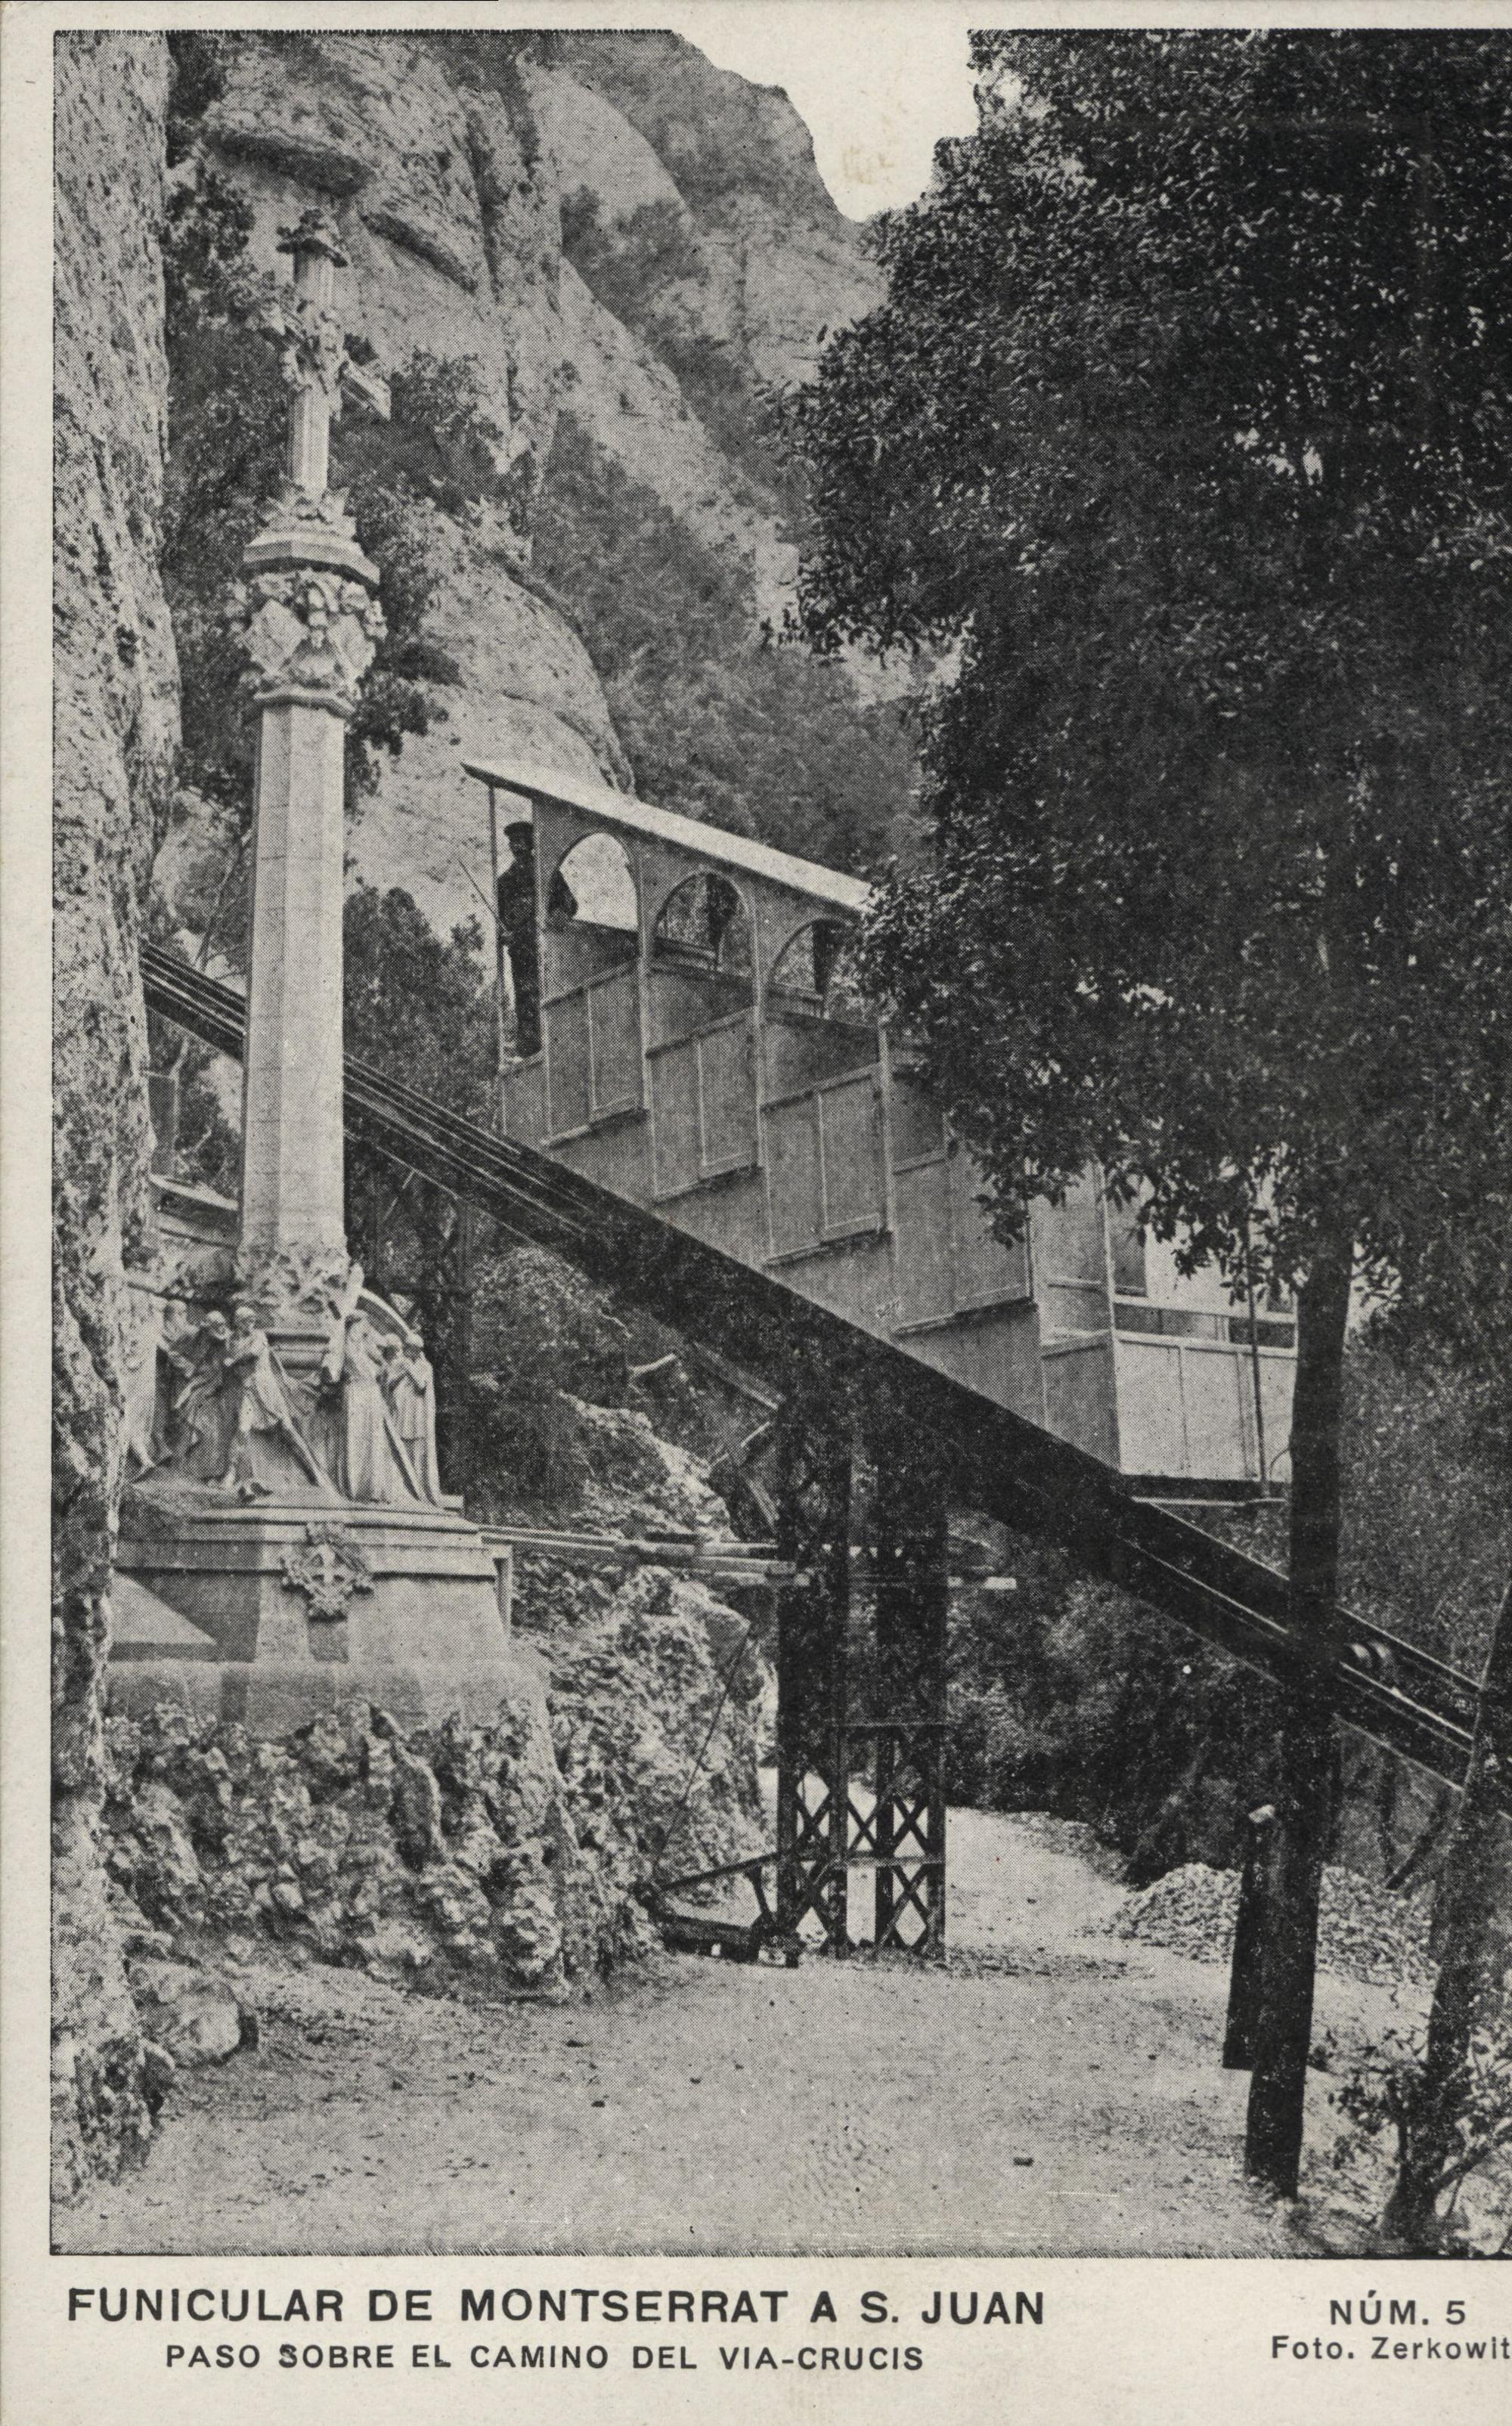 Montserrat album de postals 20101124120737372 girada girada